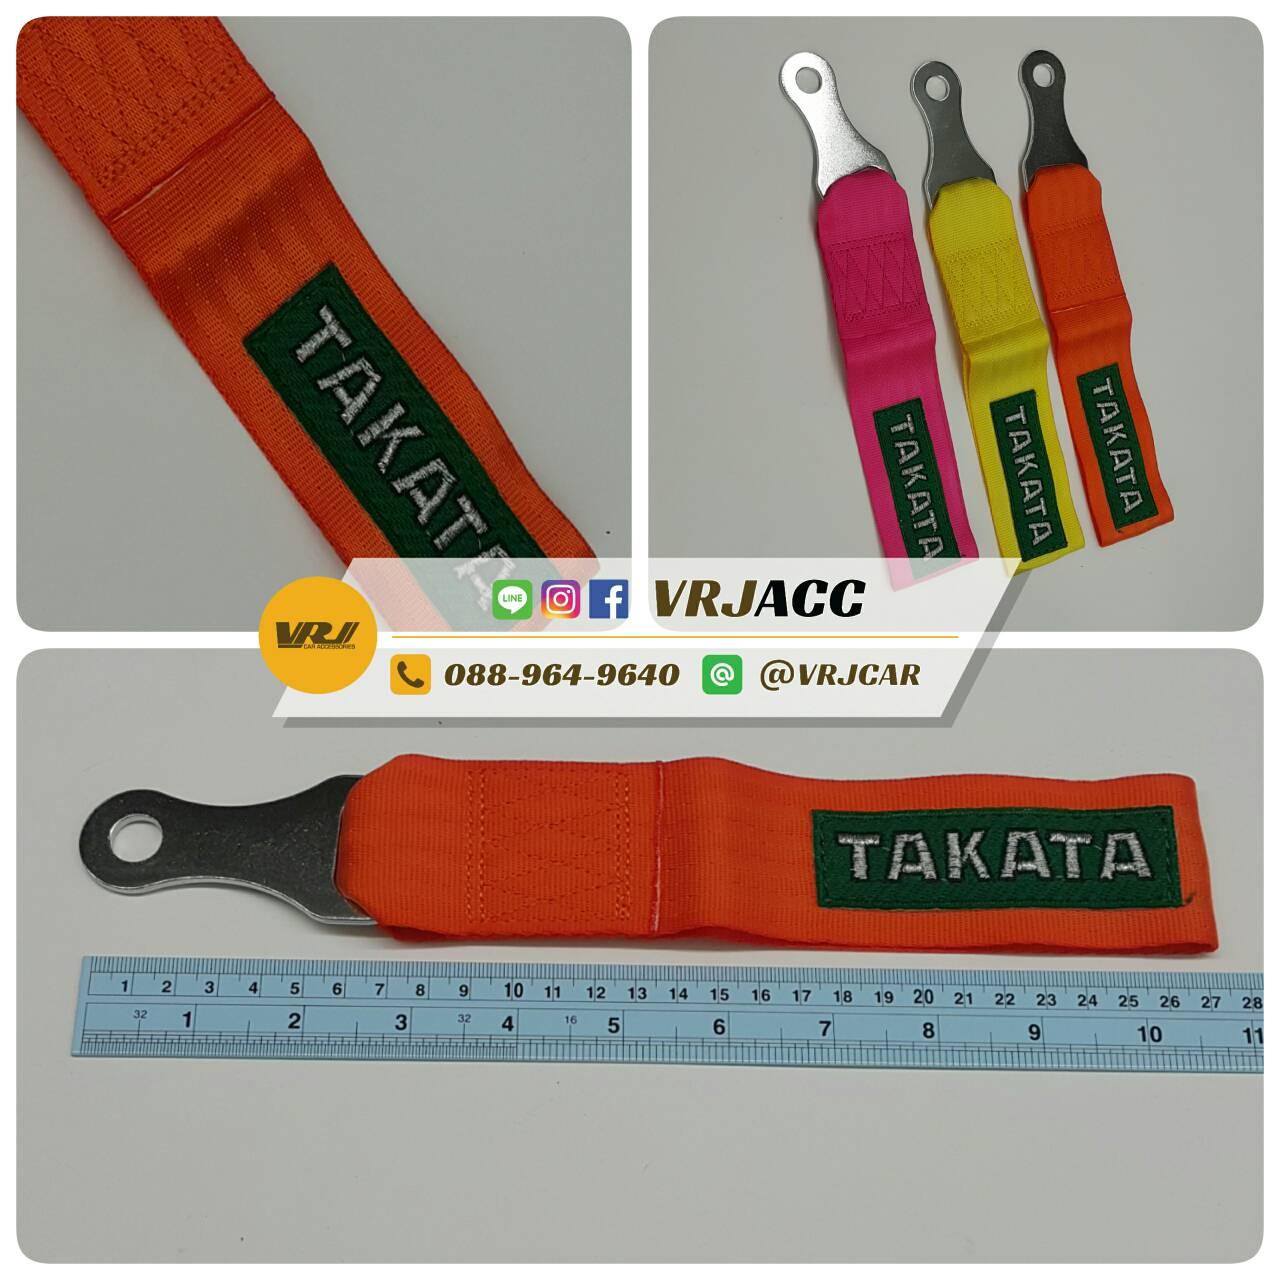 หูลากรถแบบผ้า หูลากไนลอน สำหรับรถ ยี่ห้อ ทาคาตะ TAKATA